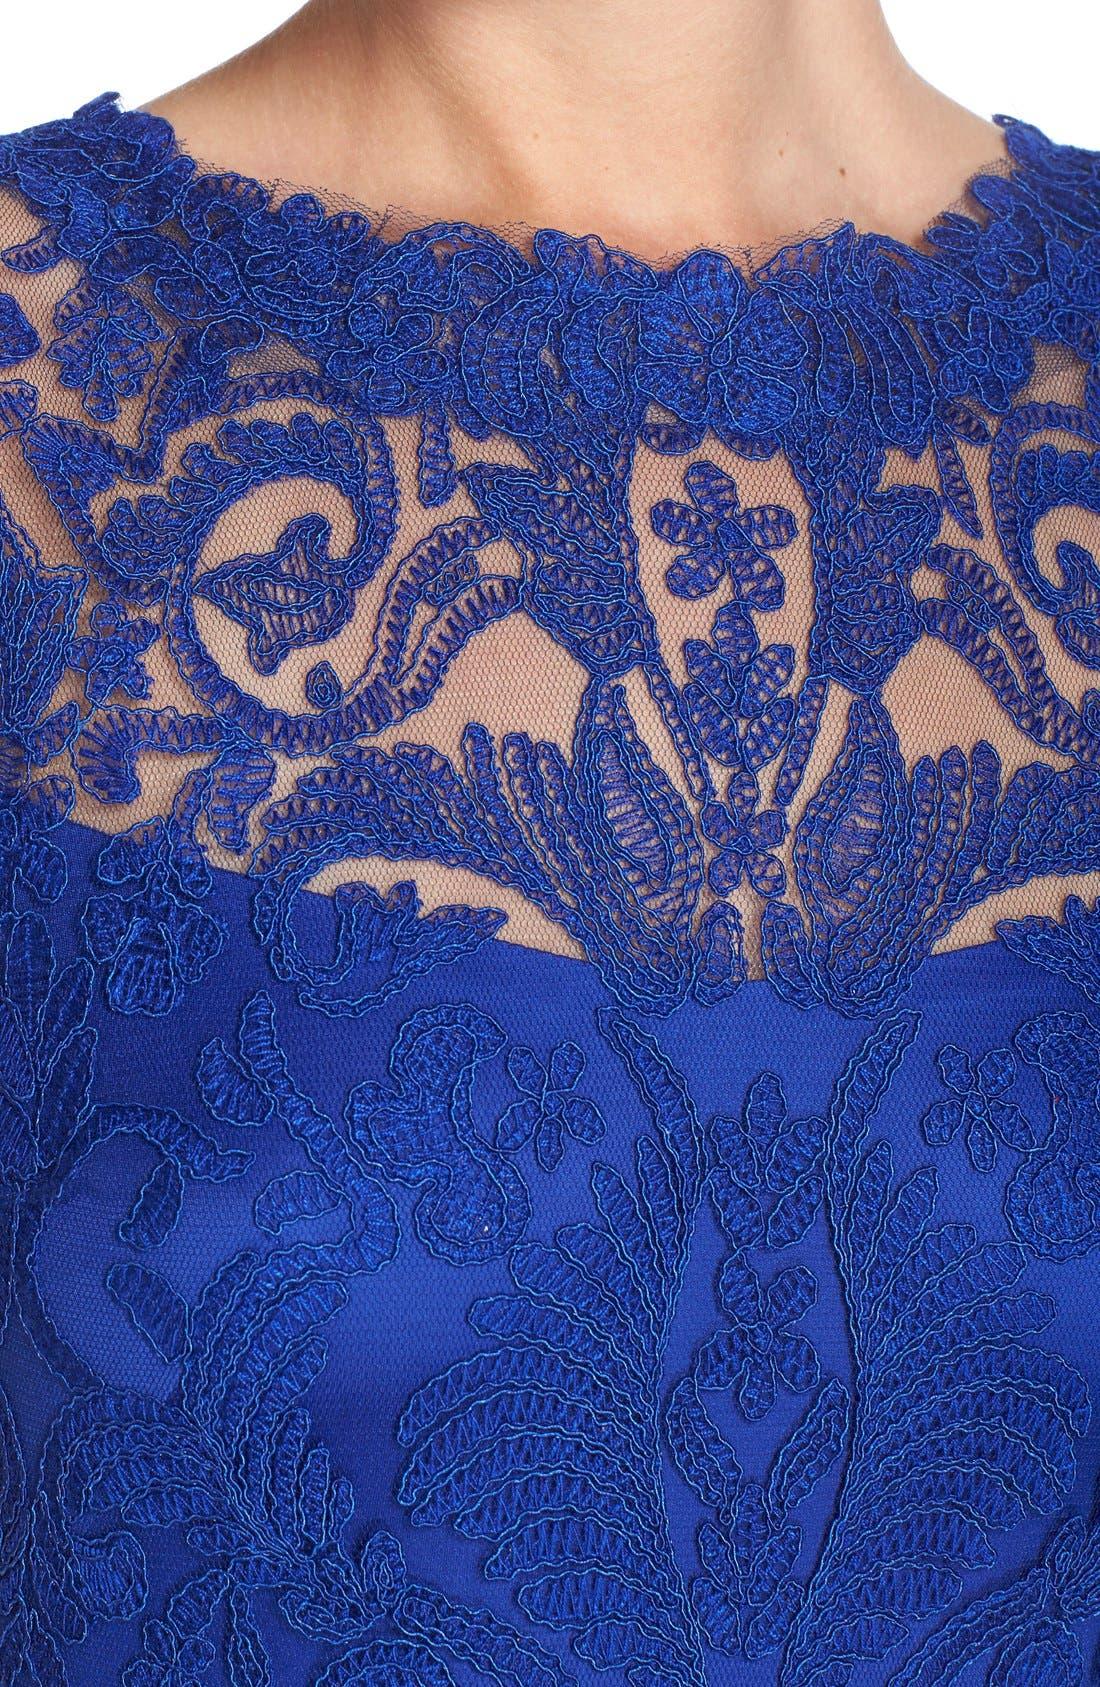 Illusion Yoke Lace Sheath Dress,                             Alternate thumbnail 94, color,